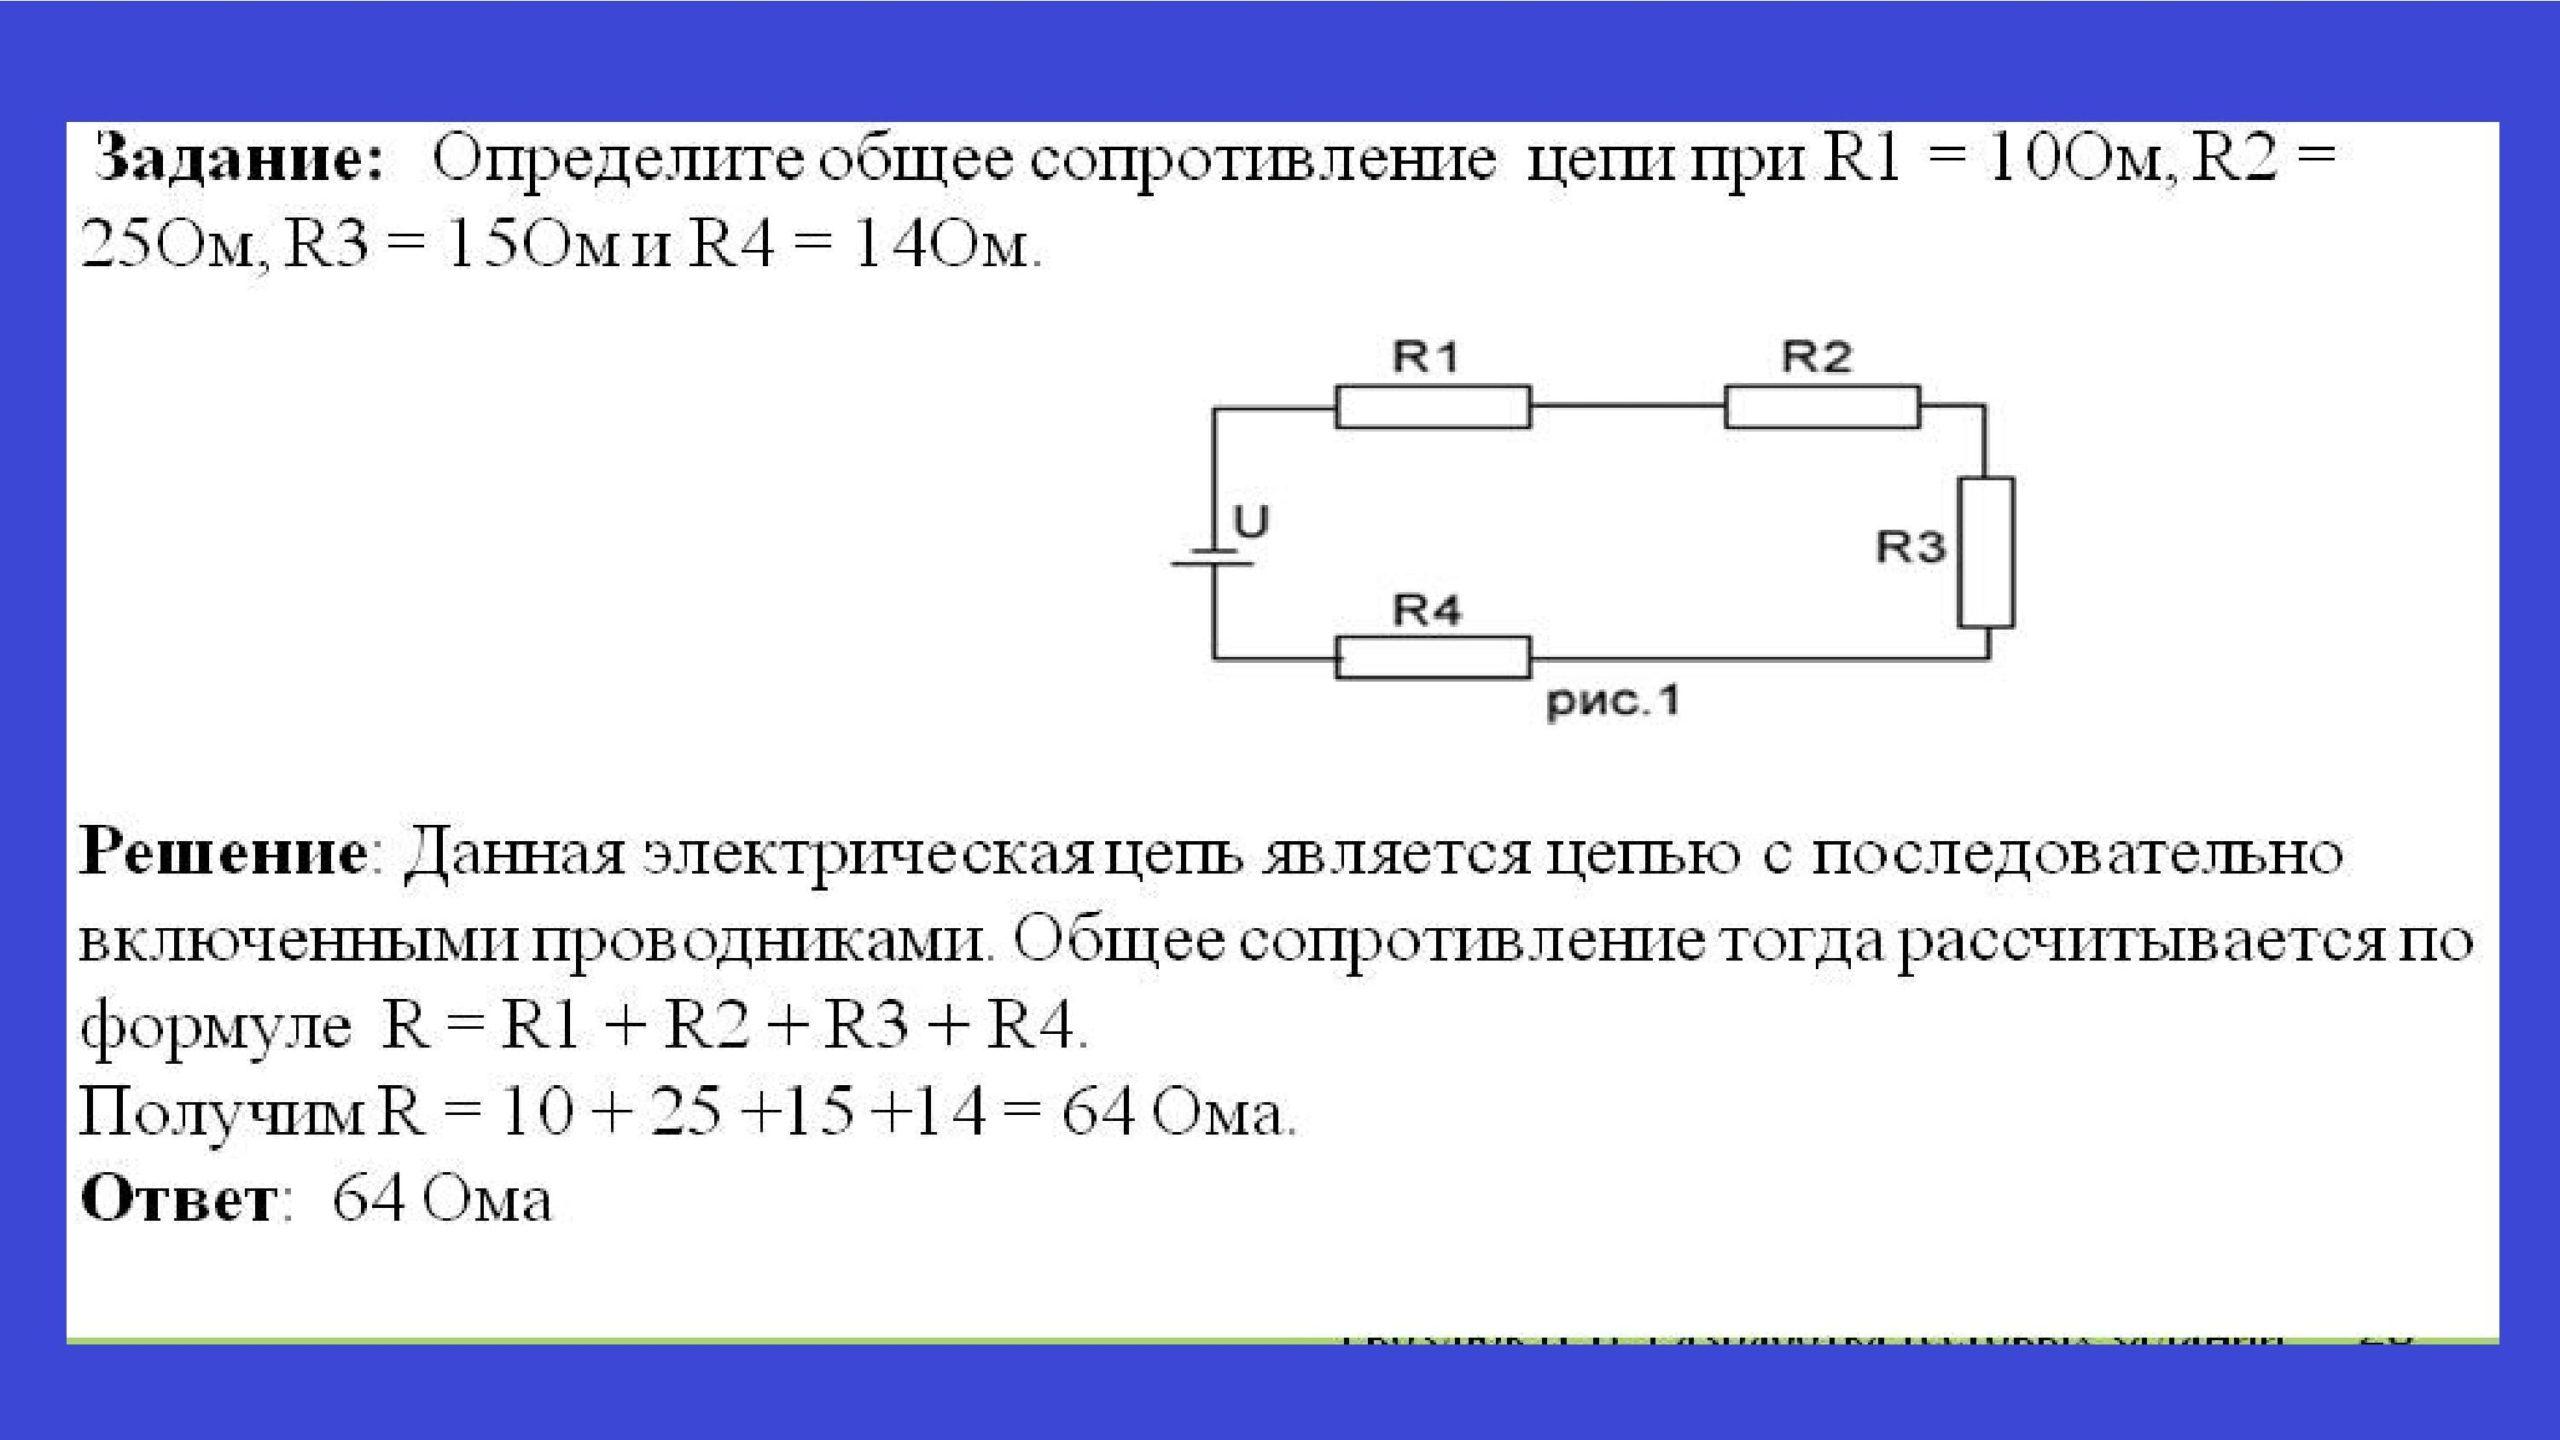 Задание: Определите общее сопротивление цепи при R1 = 10 Ом, R2 = 25 ОМ